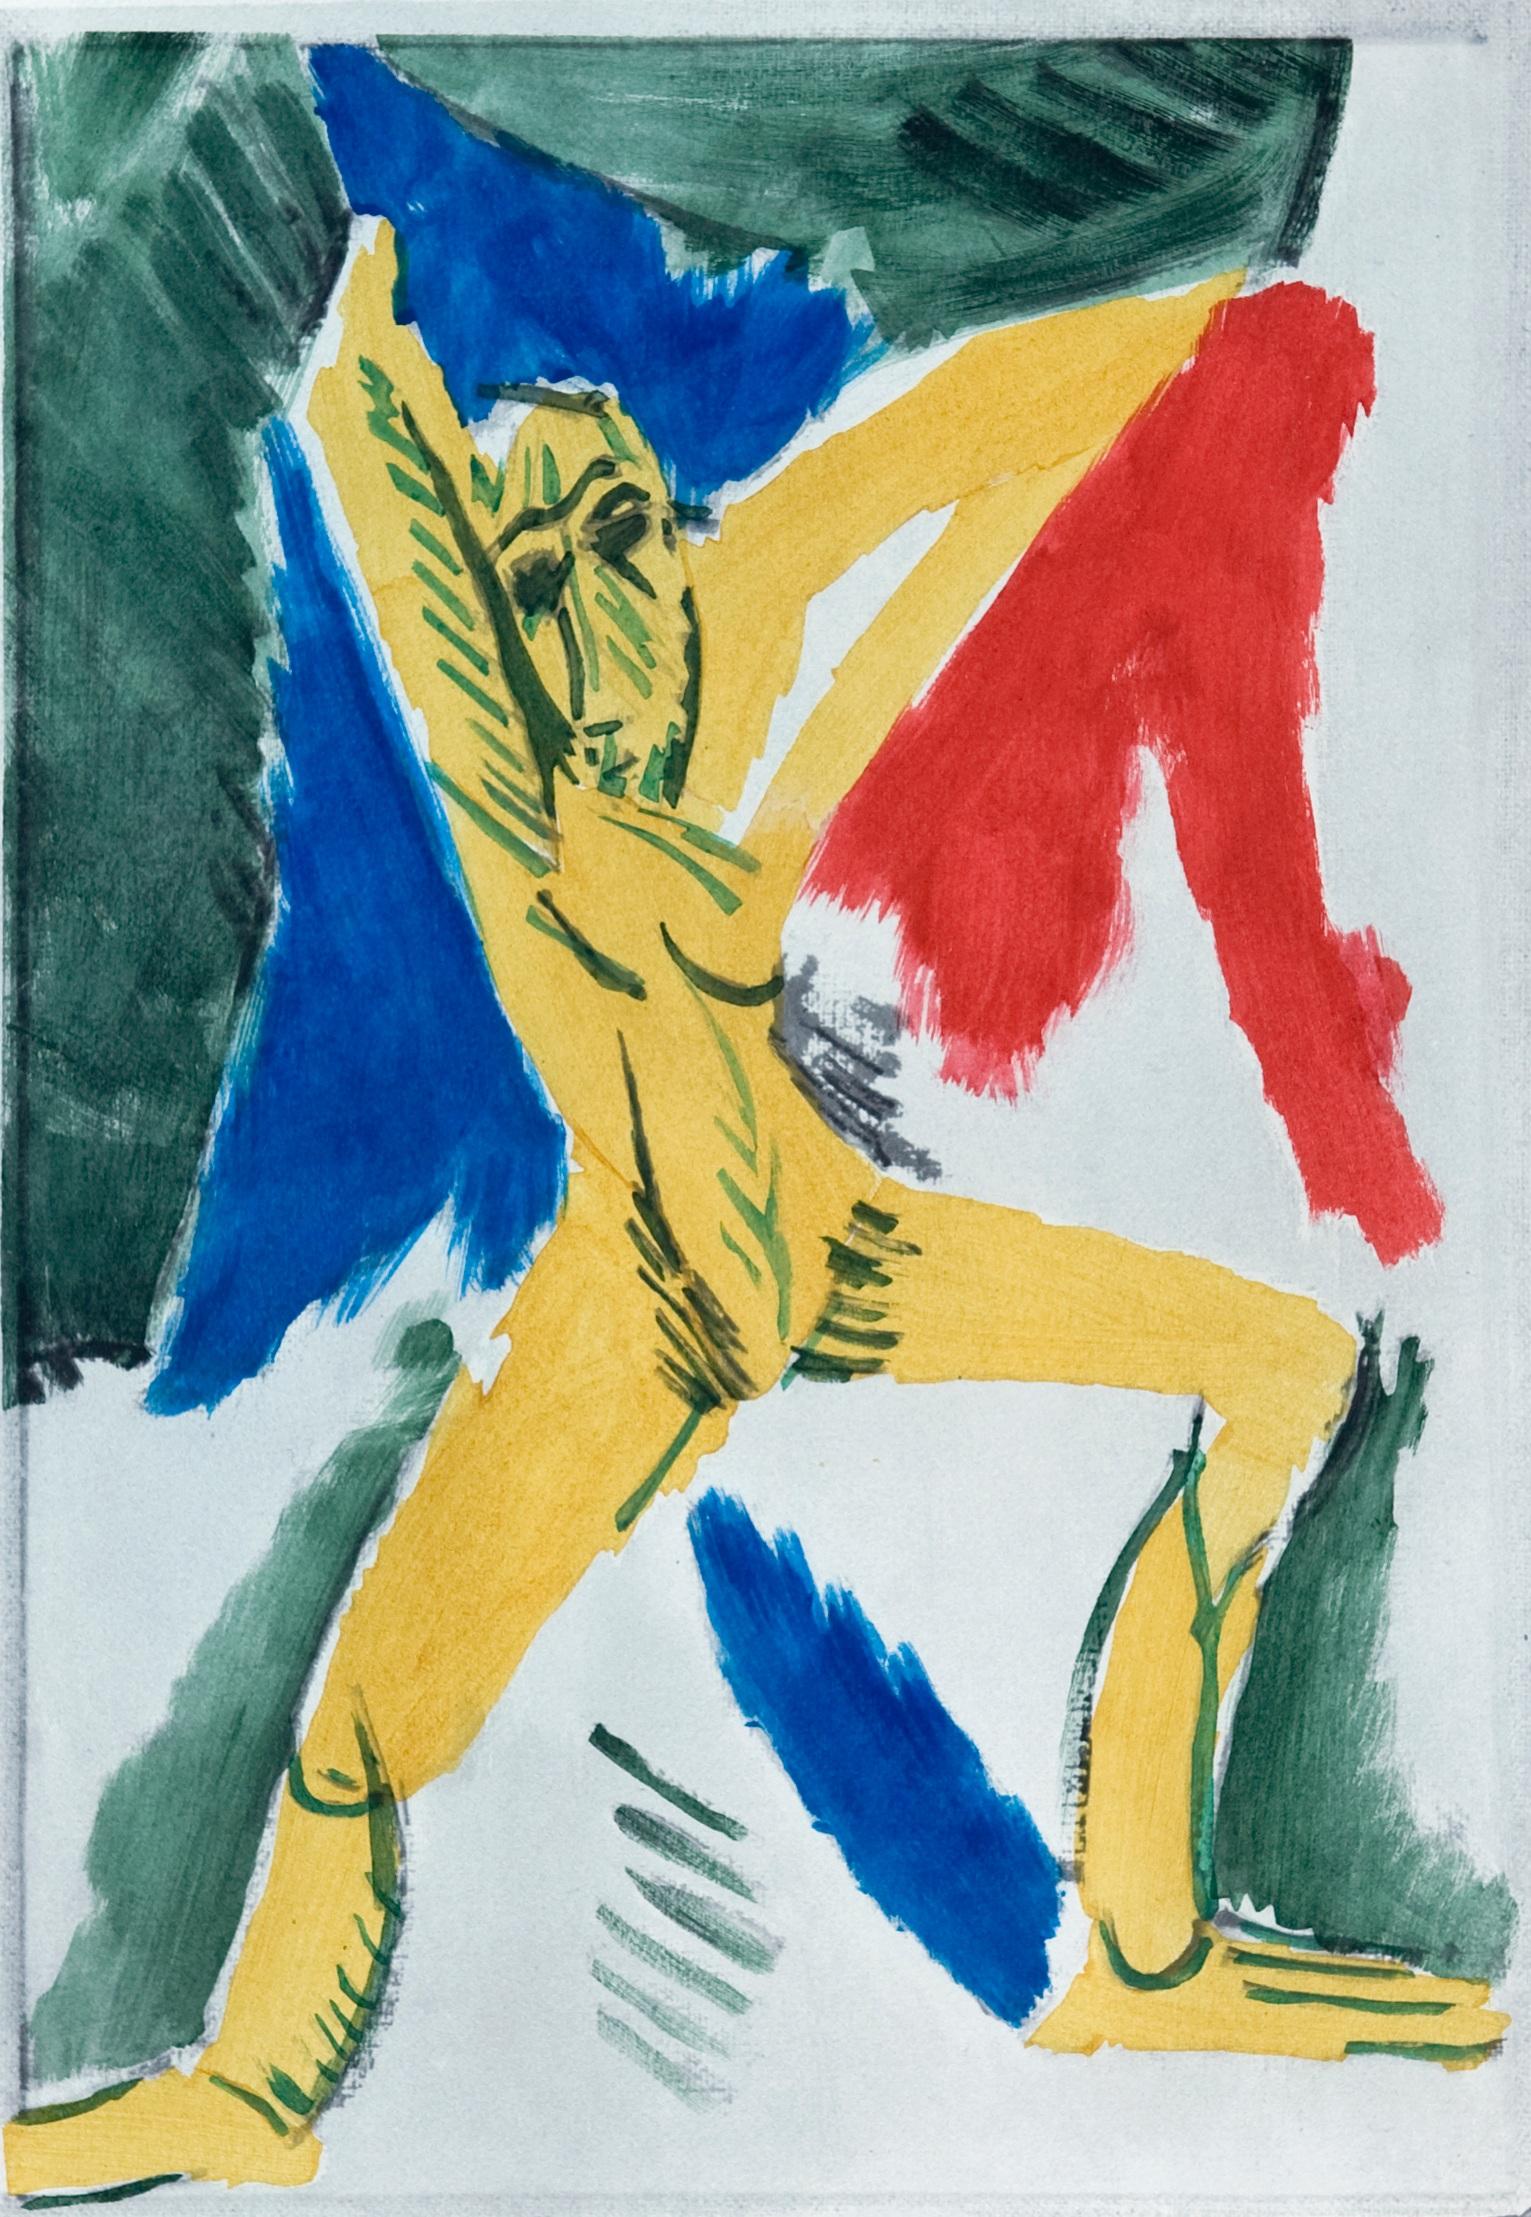 Studio pour Les Demoiselles d'Avignon , Hand-coloured pochoir, 1955